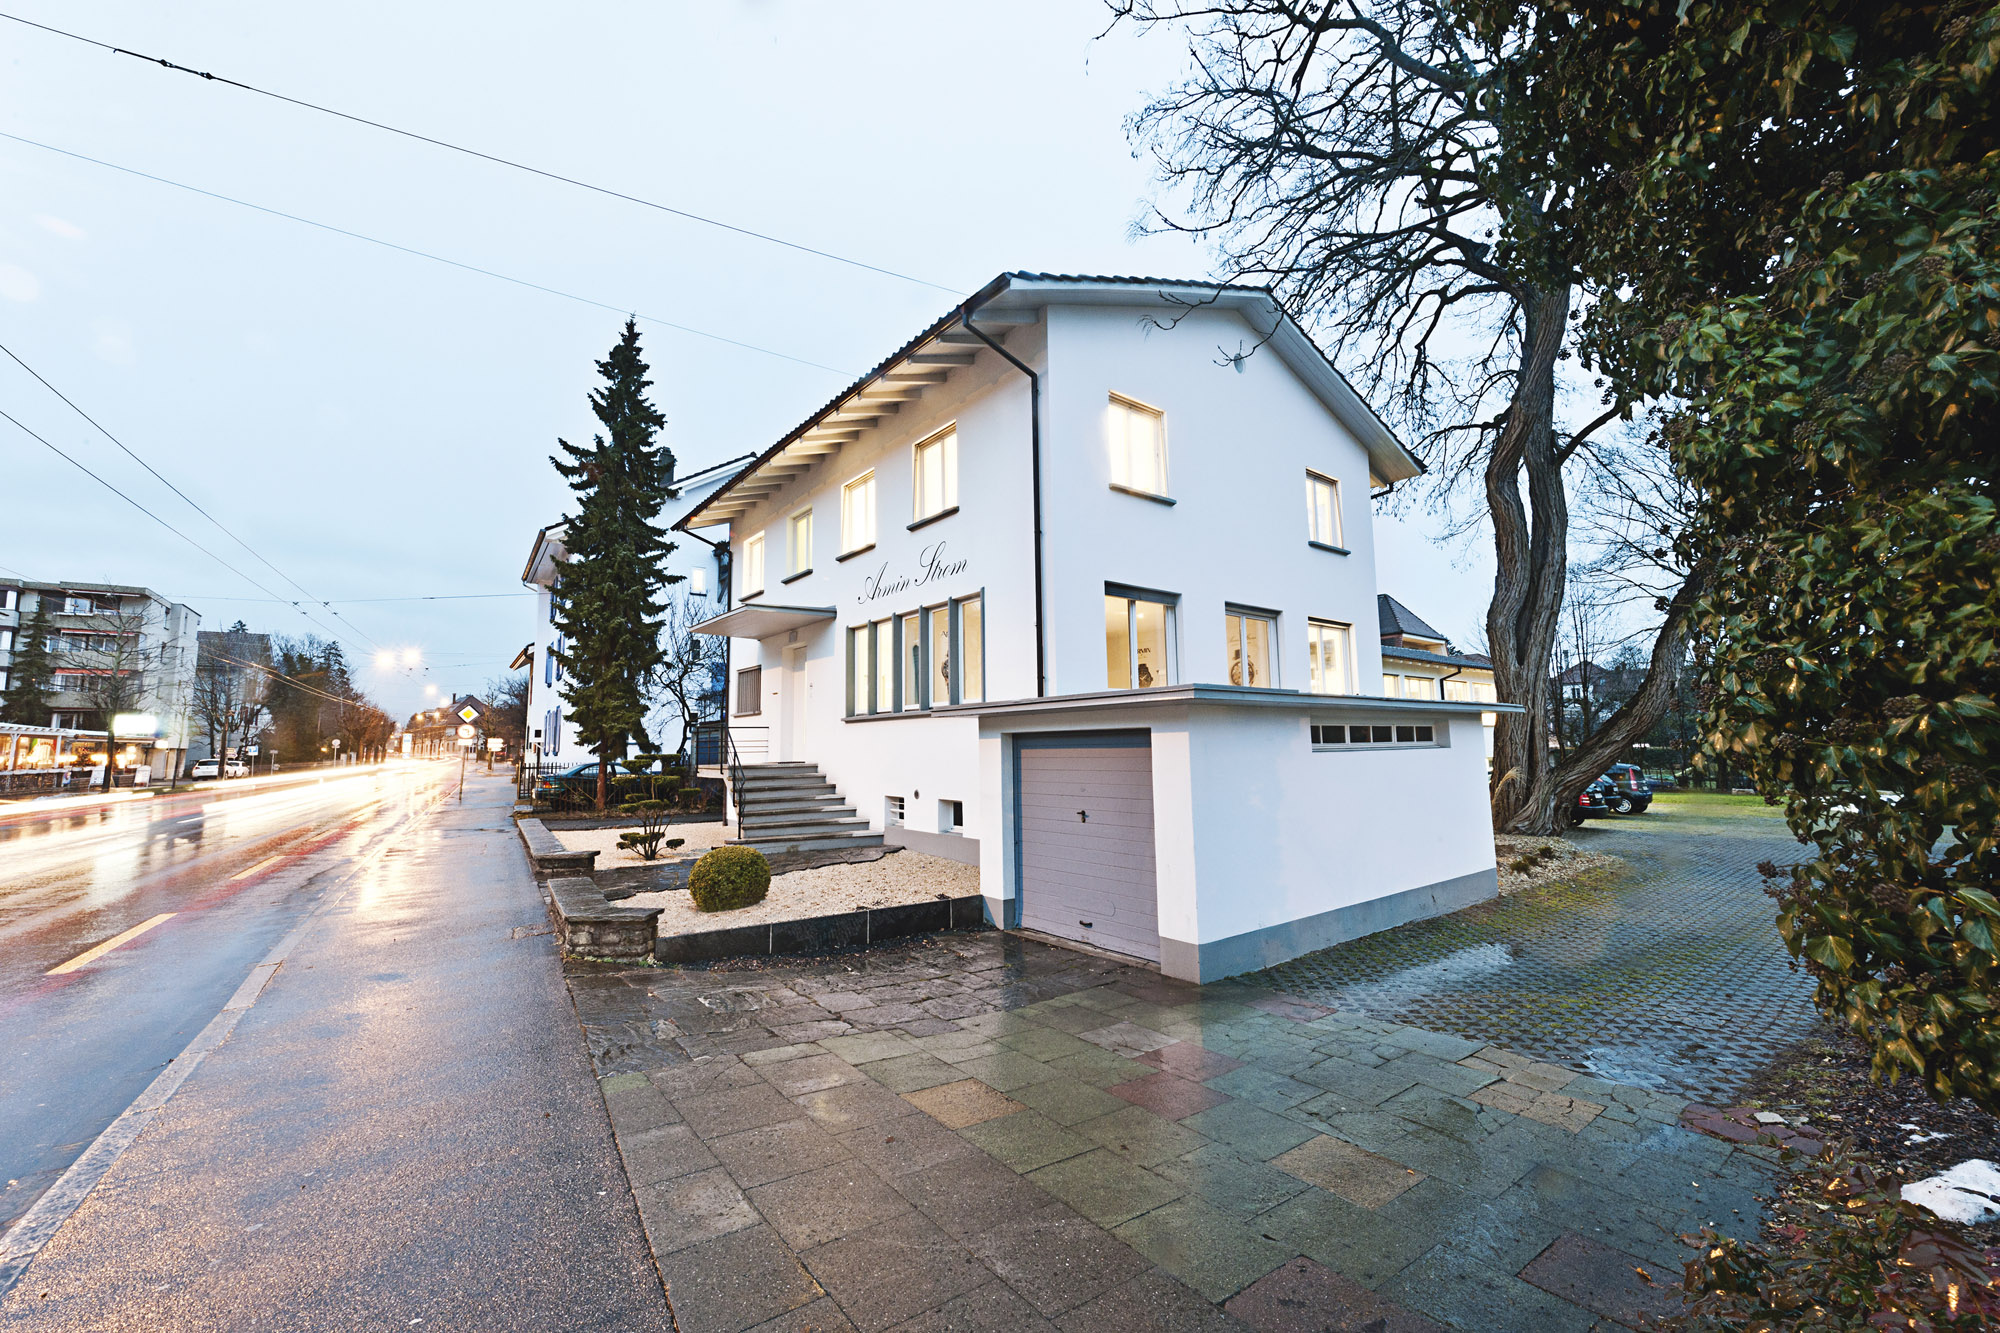 Armin Strom Manufacture in Biel/Bienne